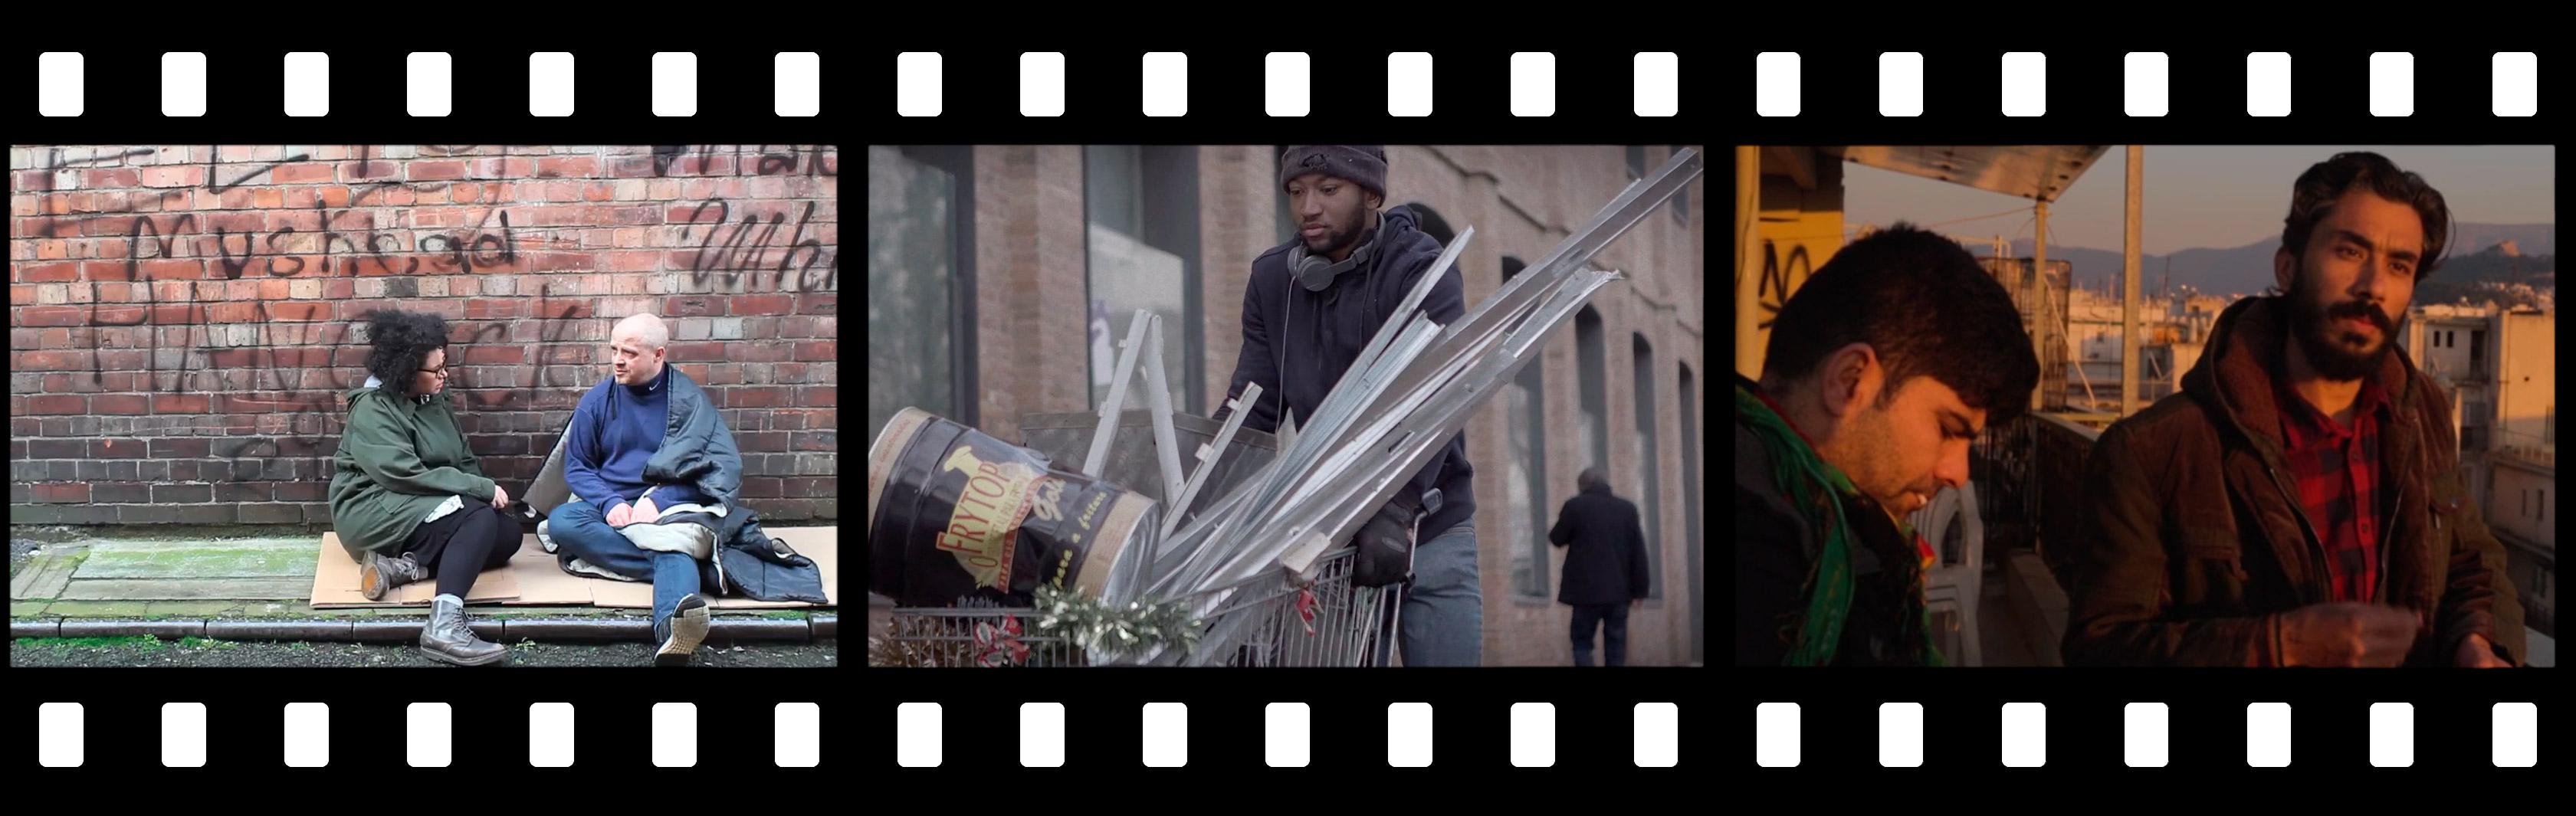 cine-homeless-film-festival